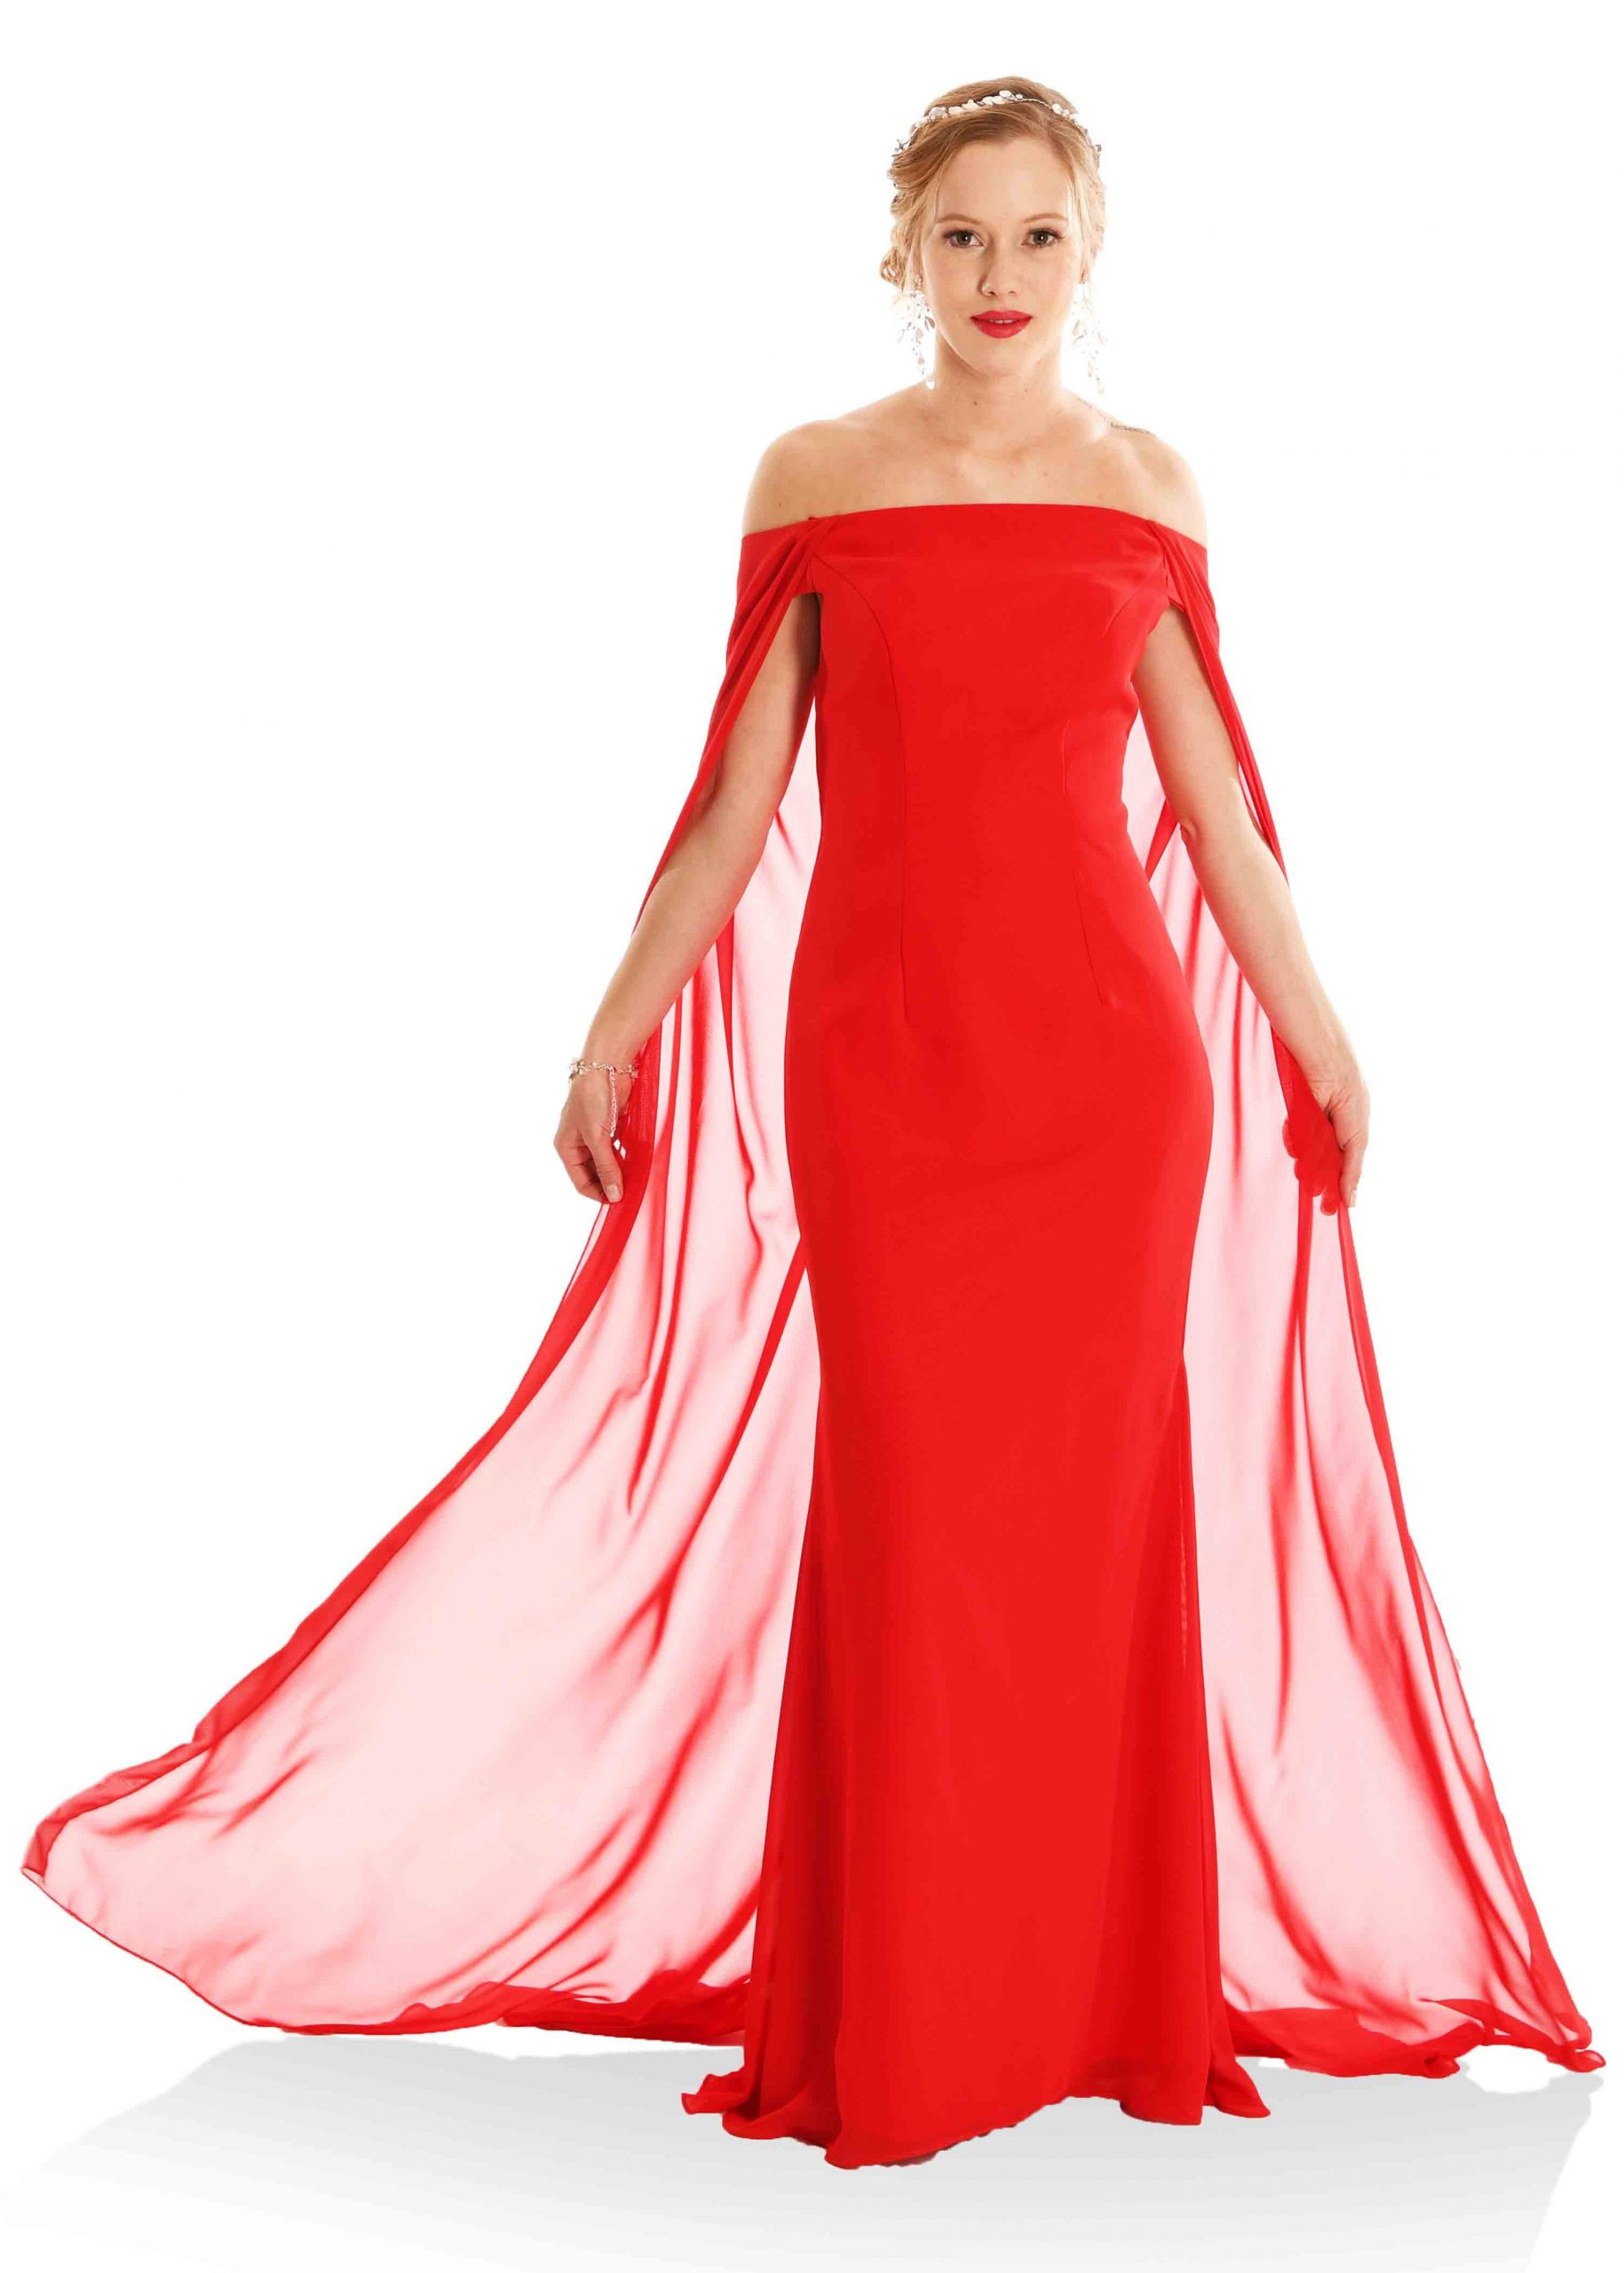 Wunderbar Kleider Für Schicke Anlässe Stylish20 Fantastisch Kleider Für Schicke Anlässe für 2019